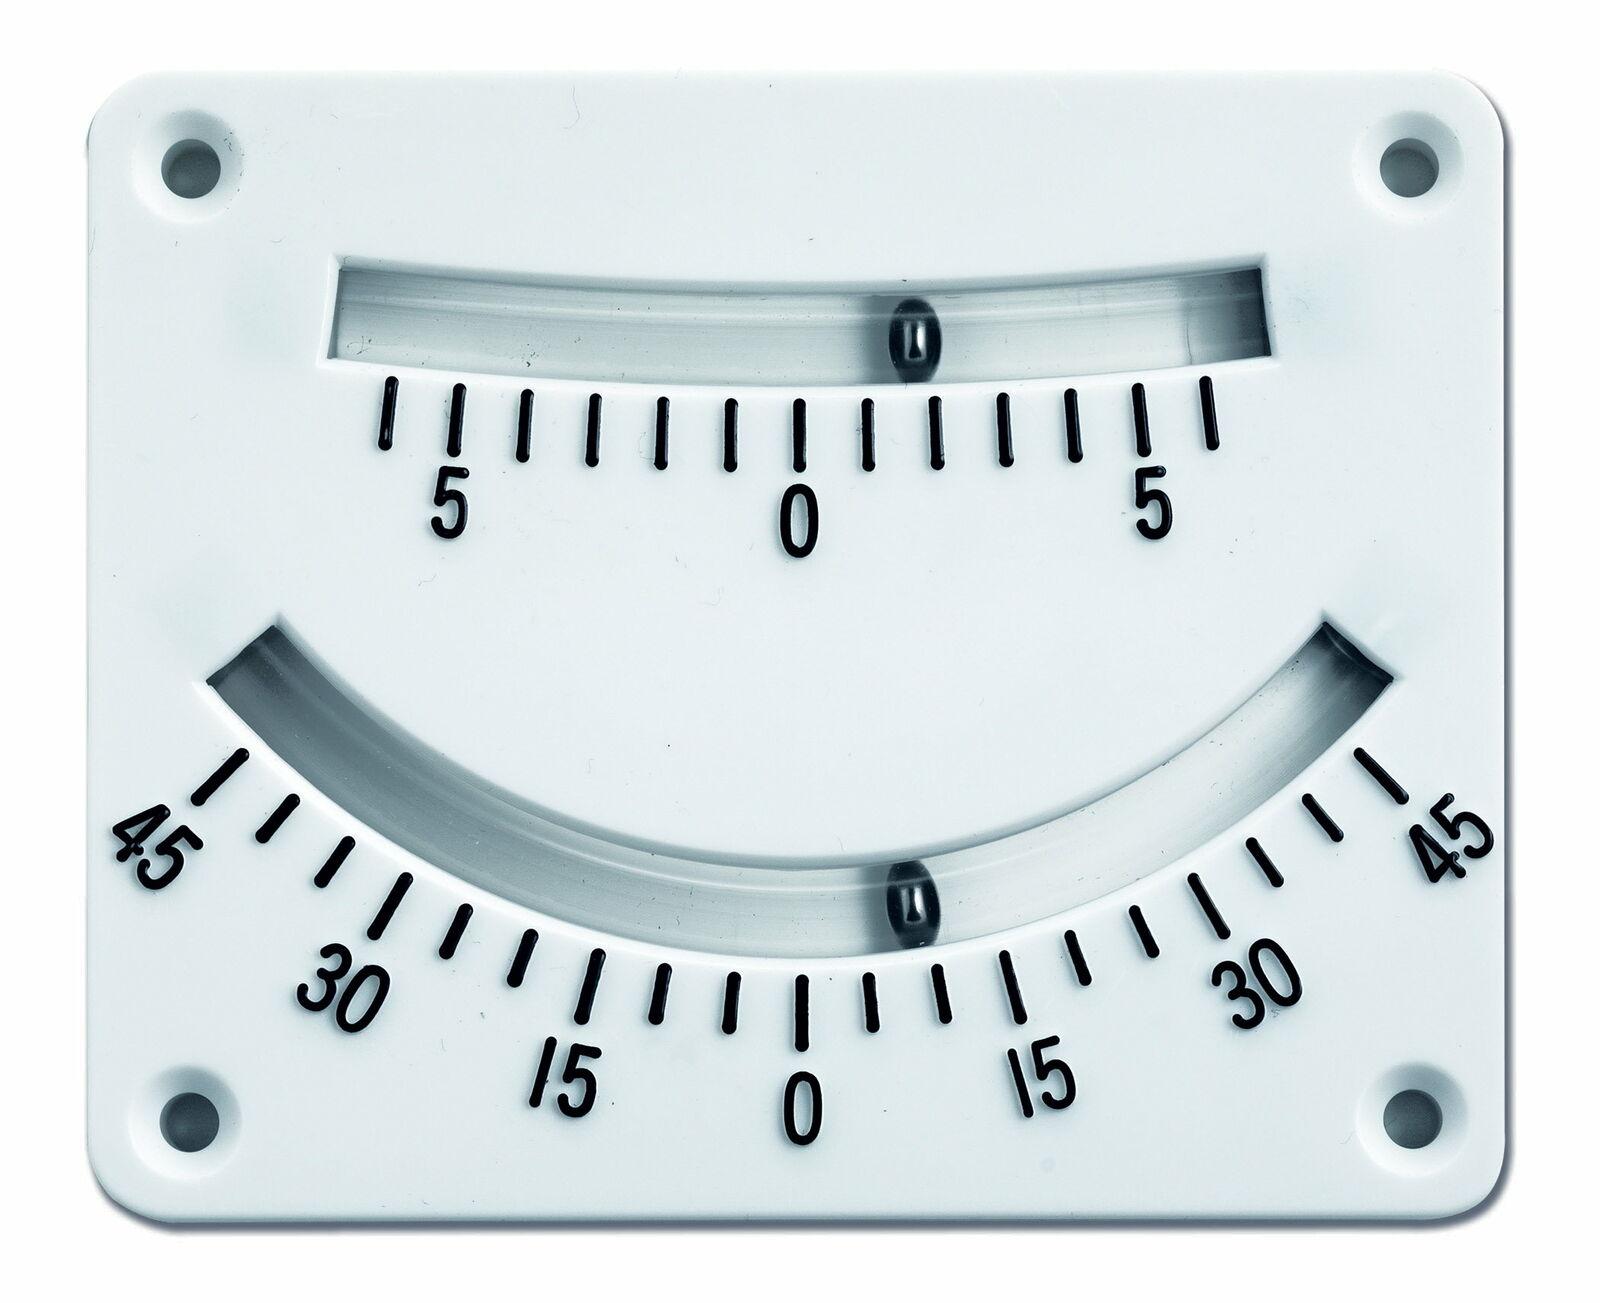 Krängungsmesser Clinometer Neigungsmesser Gefällemesser